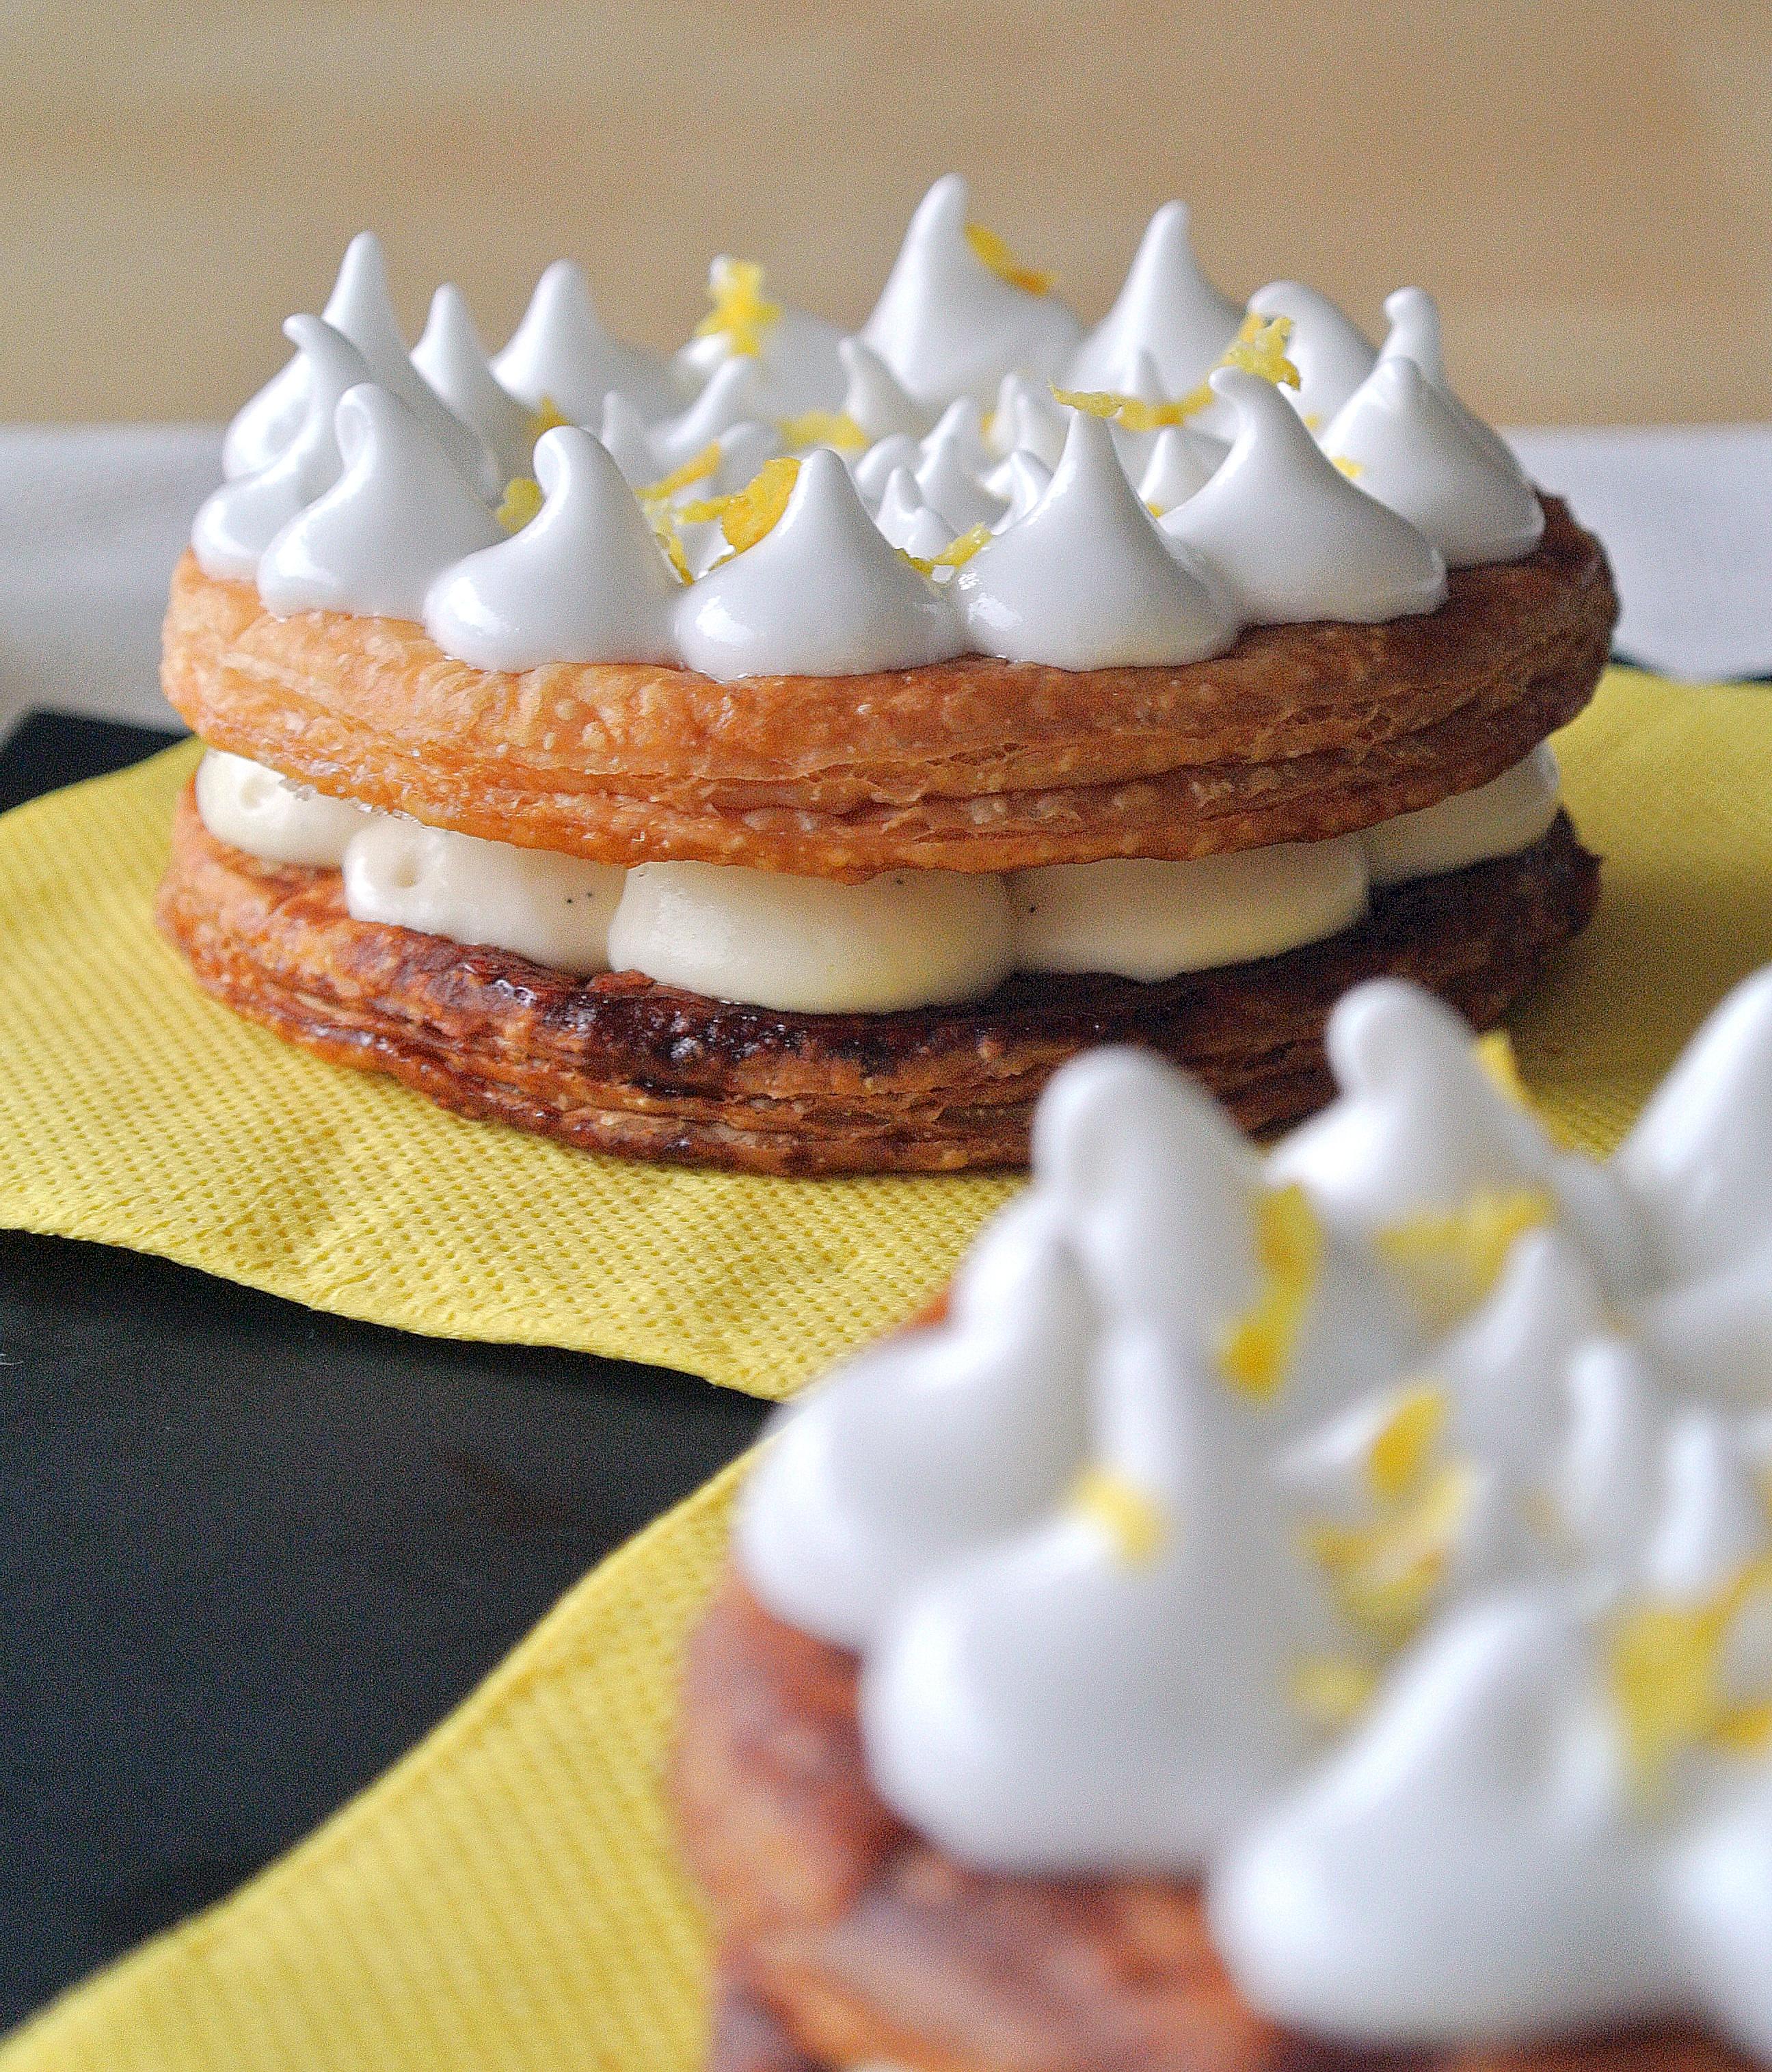 Tarte au citron revisit e en mille feuille cook 39 n blog for Chambre 13 vanille et citron